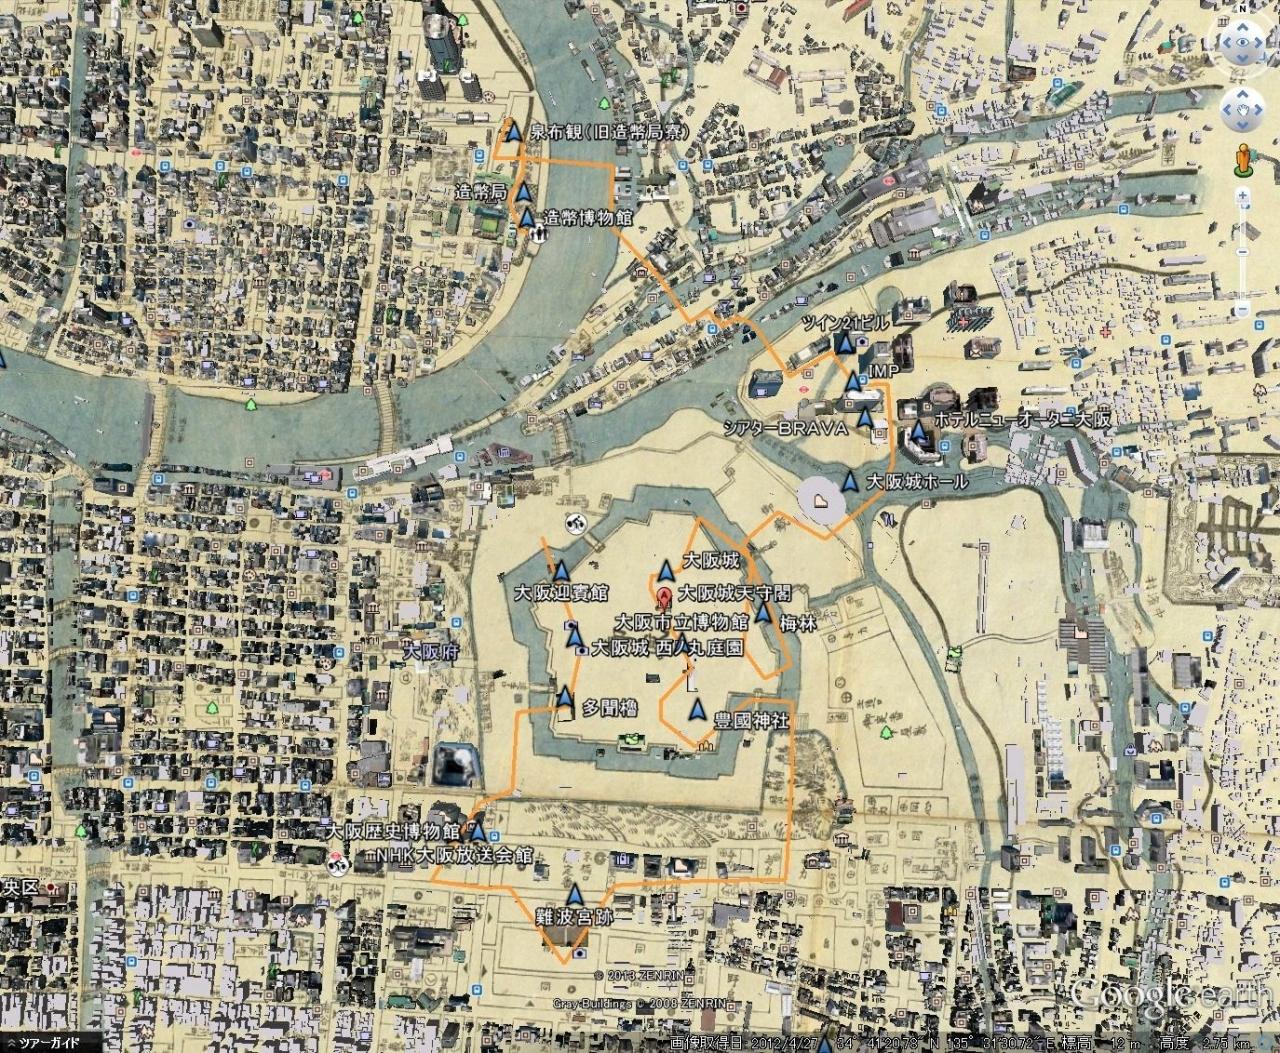 大阪 大阪城周辺など、歴史地図との考察